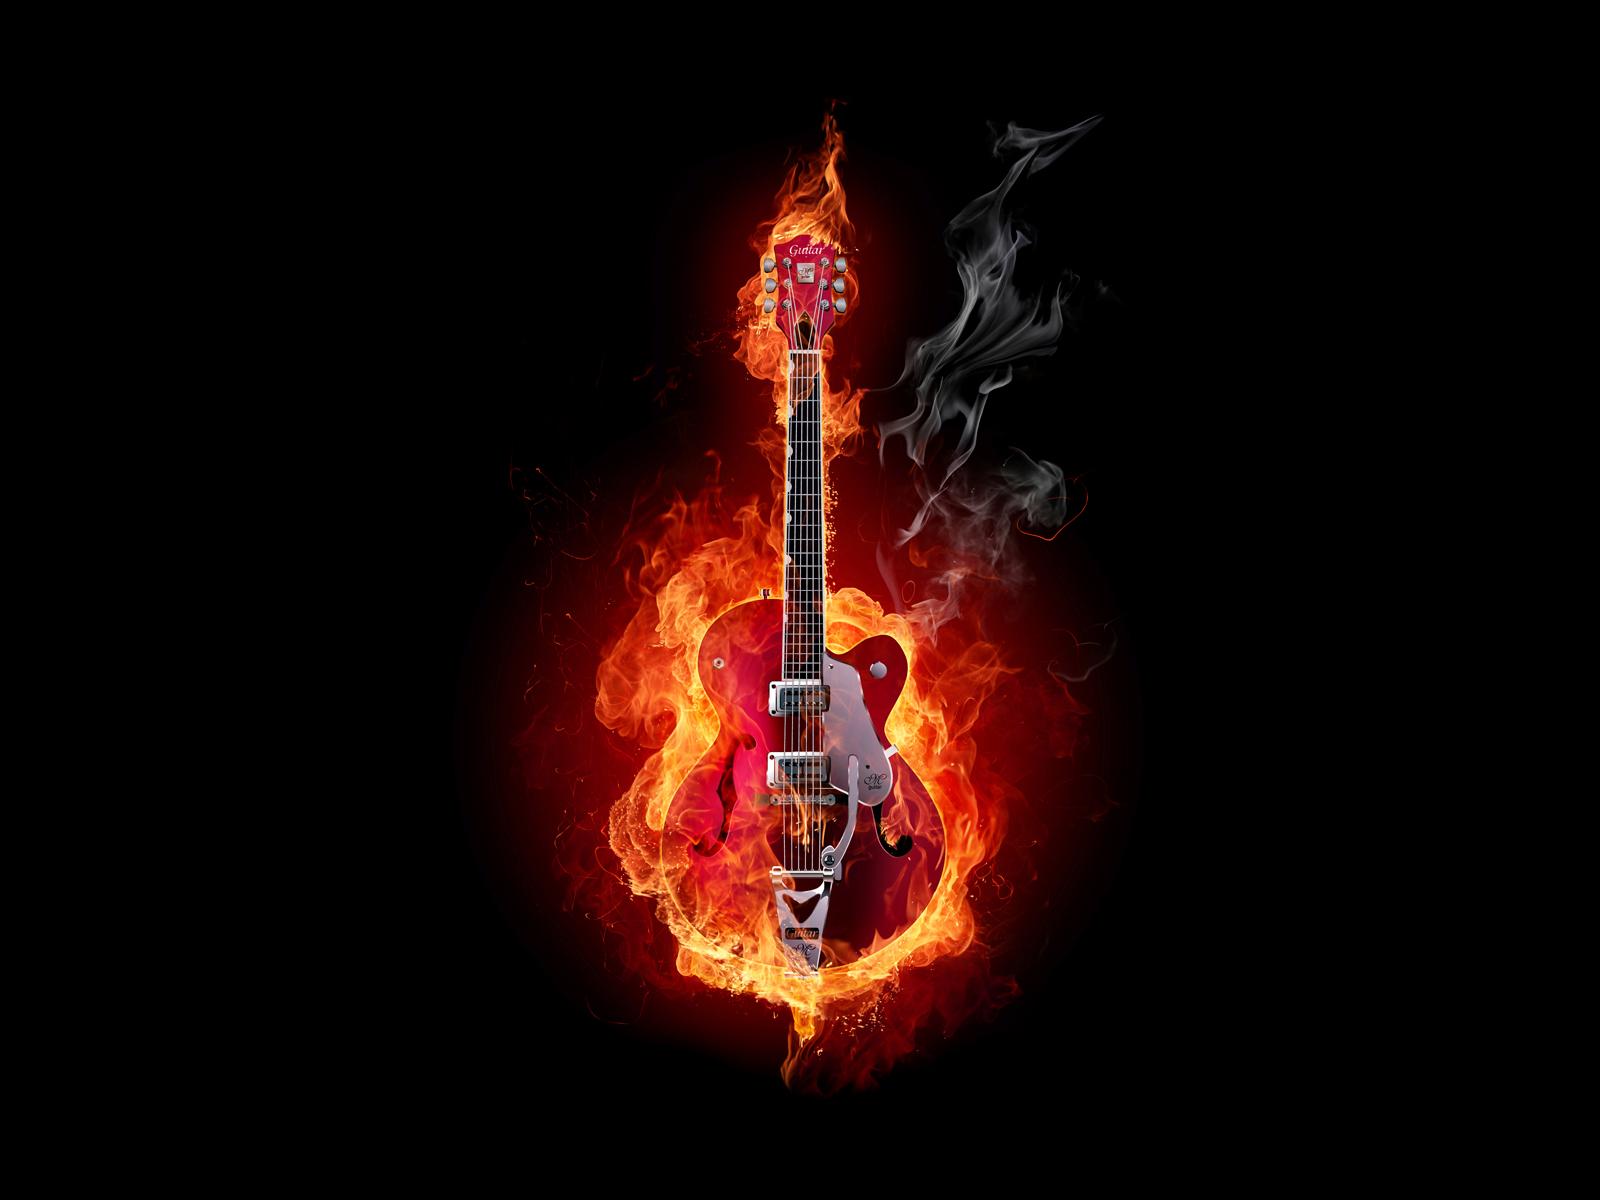 guitarfc.com_Guitar Bg (1)